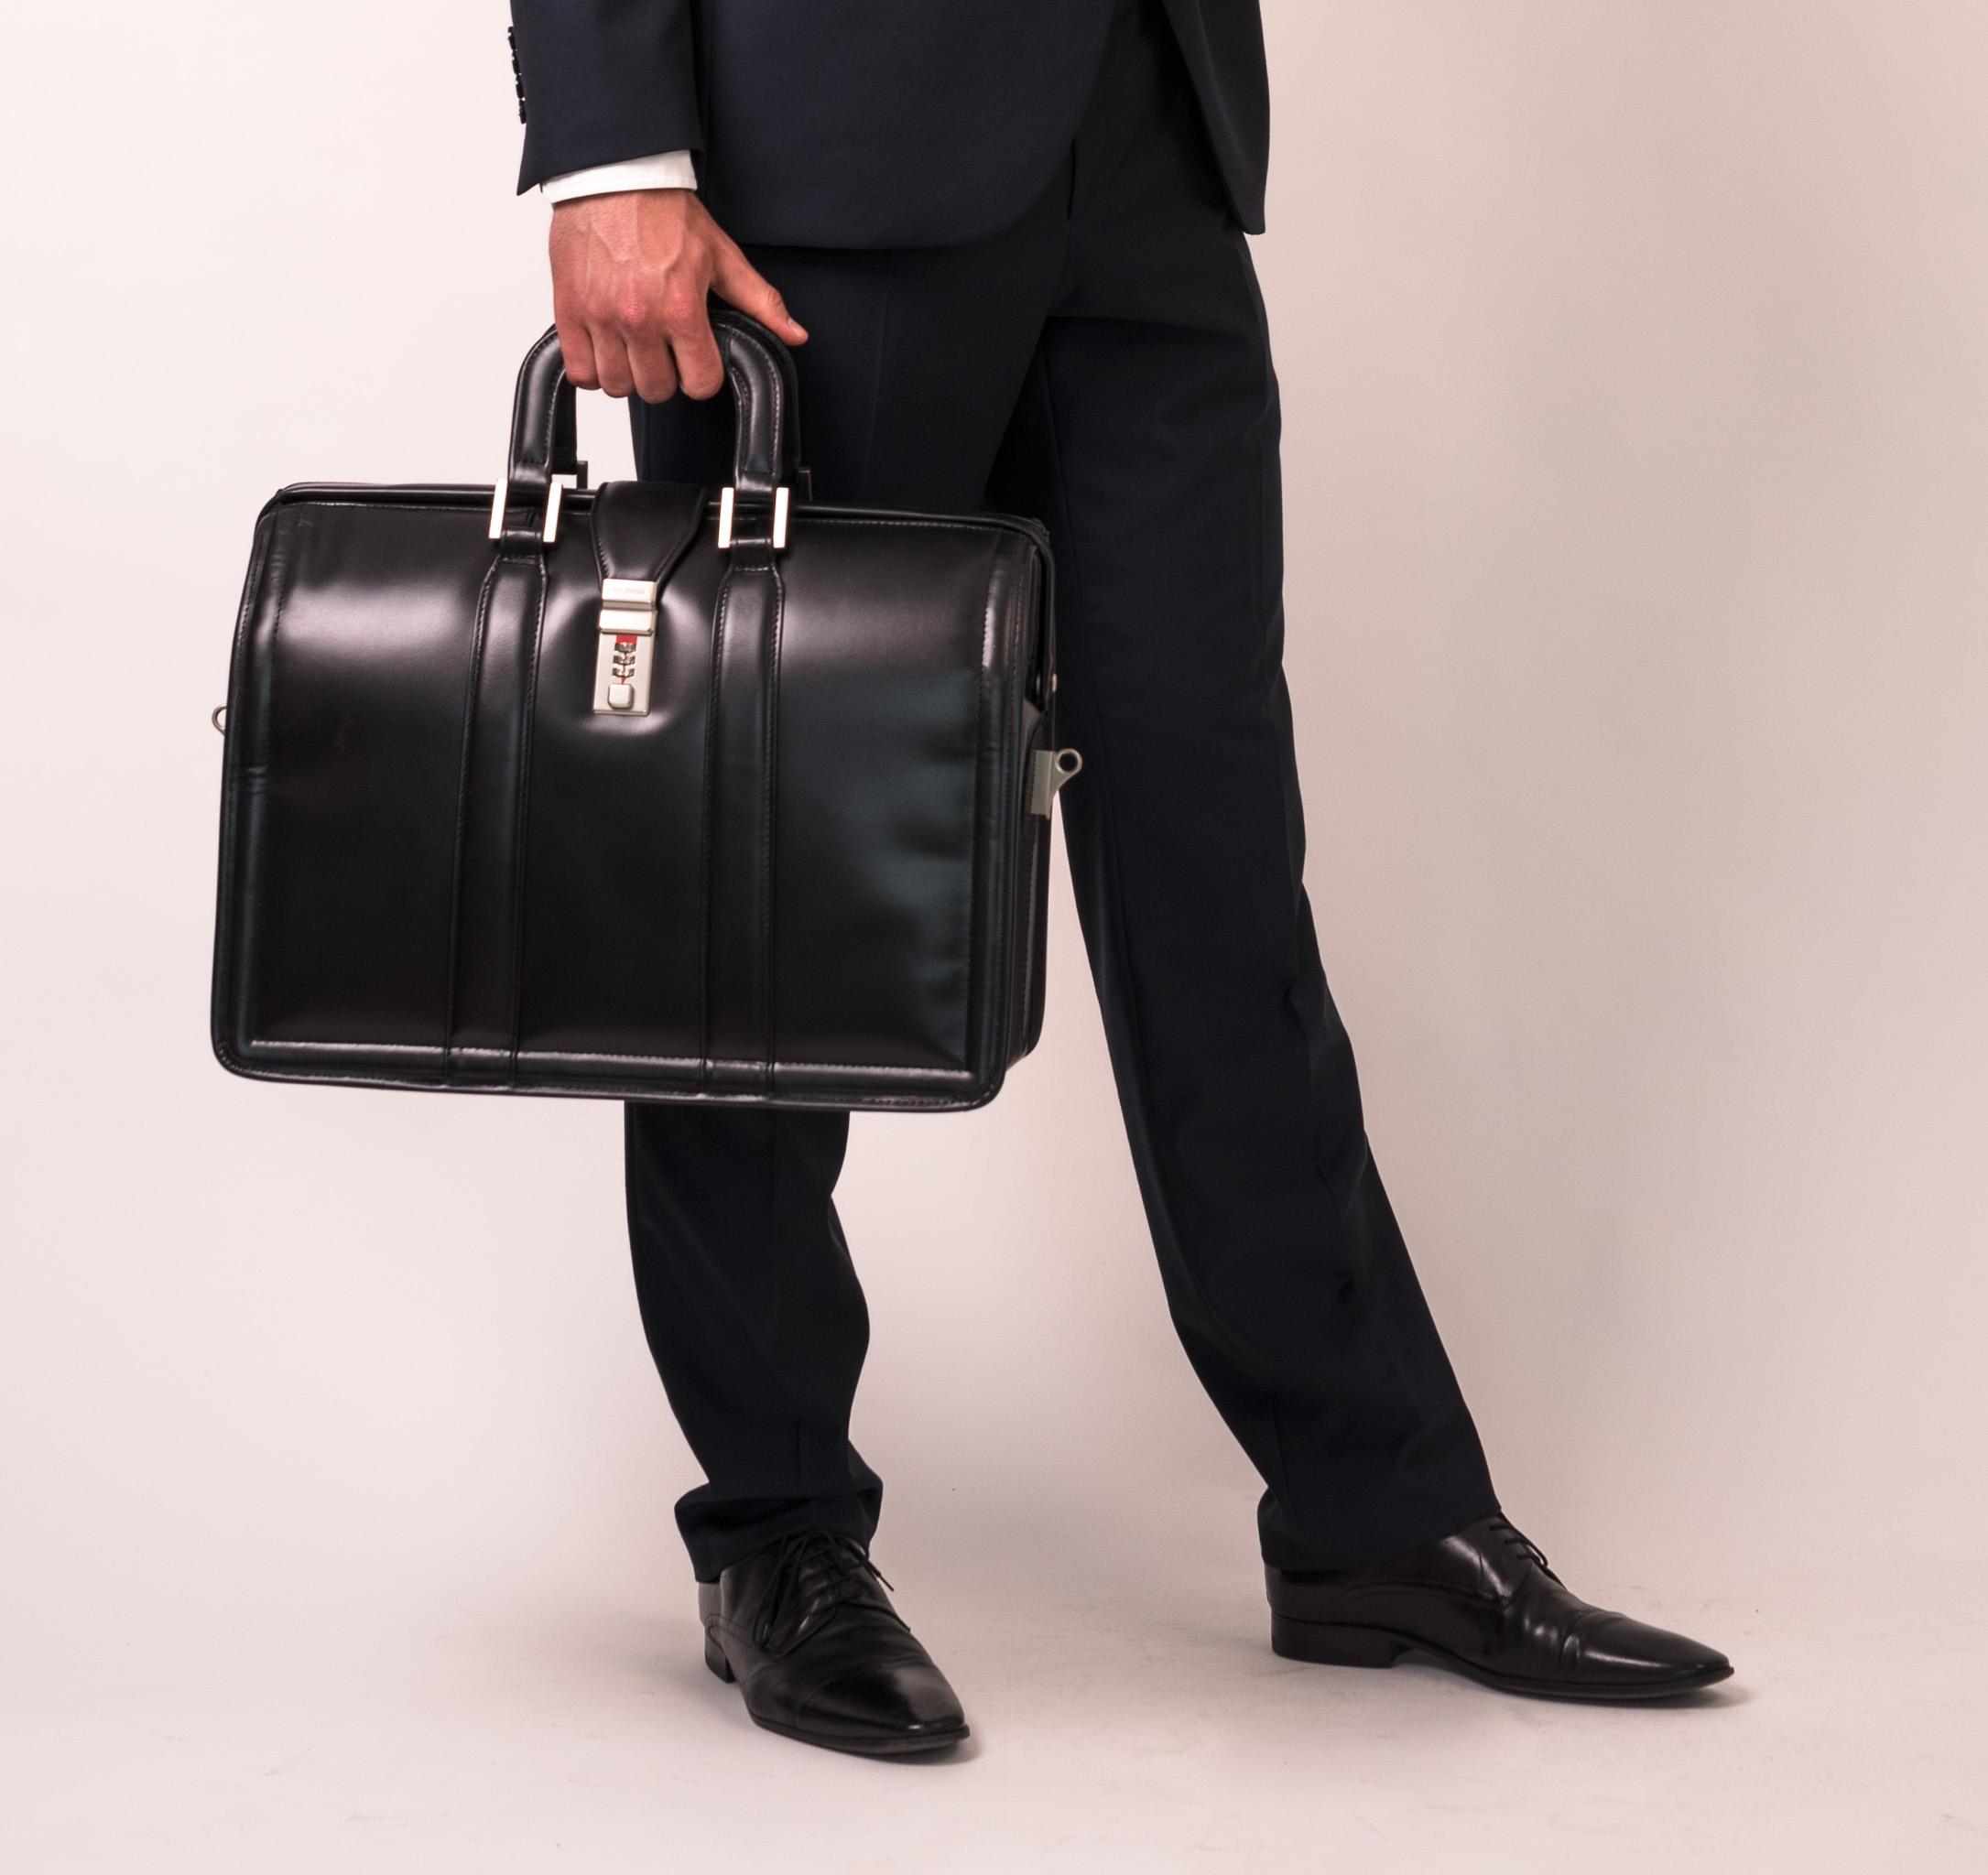 Elegancka teczka skórzana dla prawnika